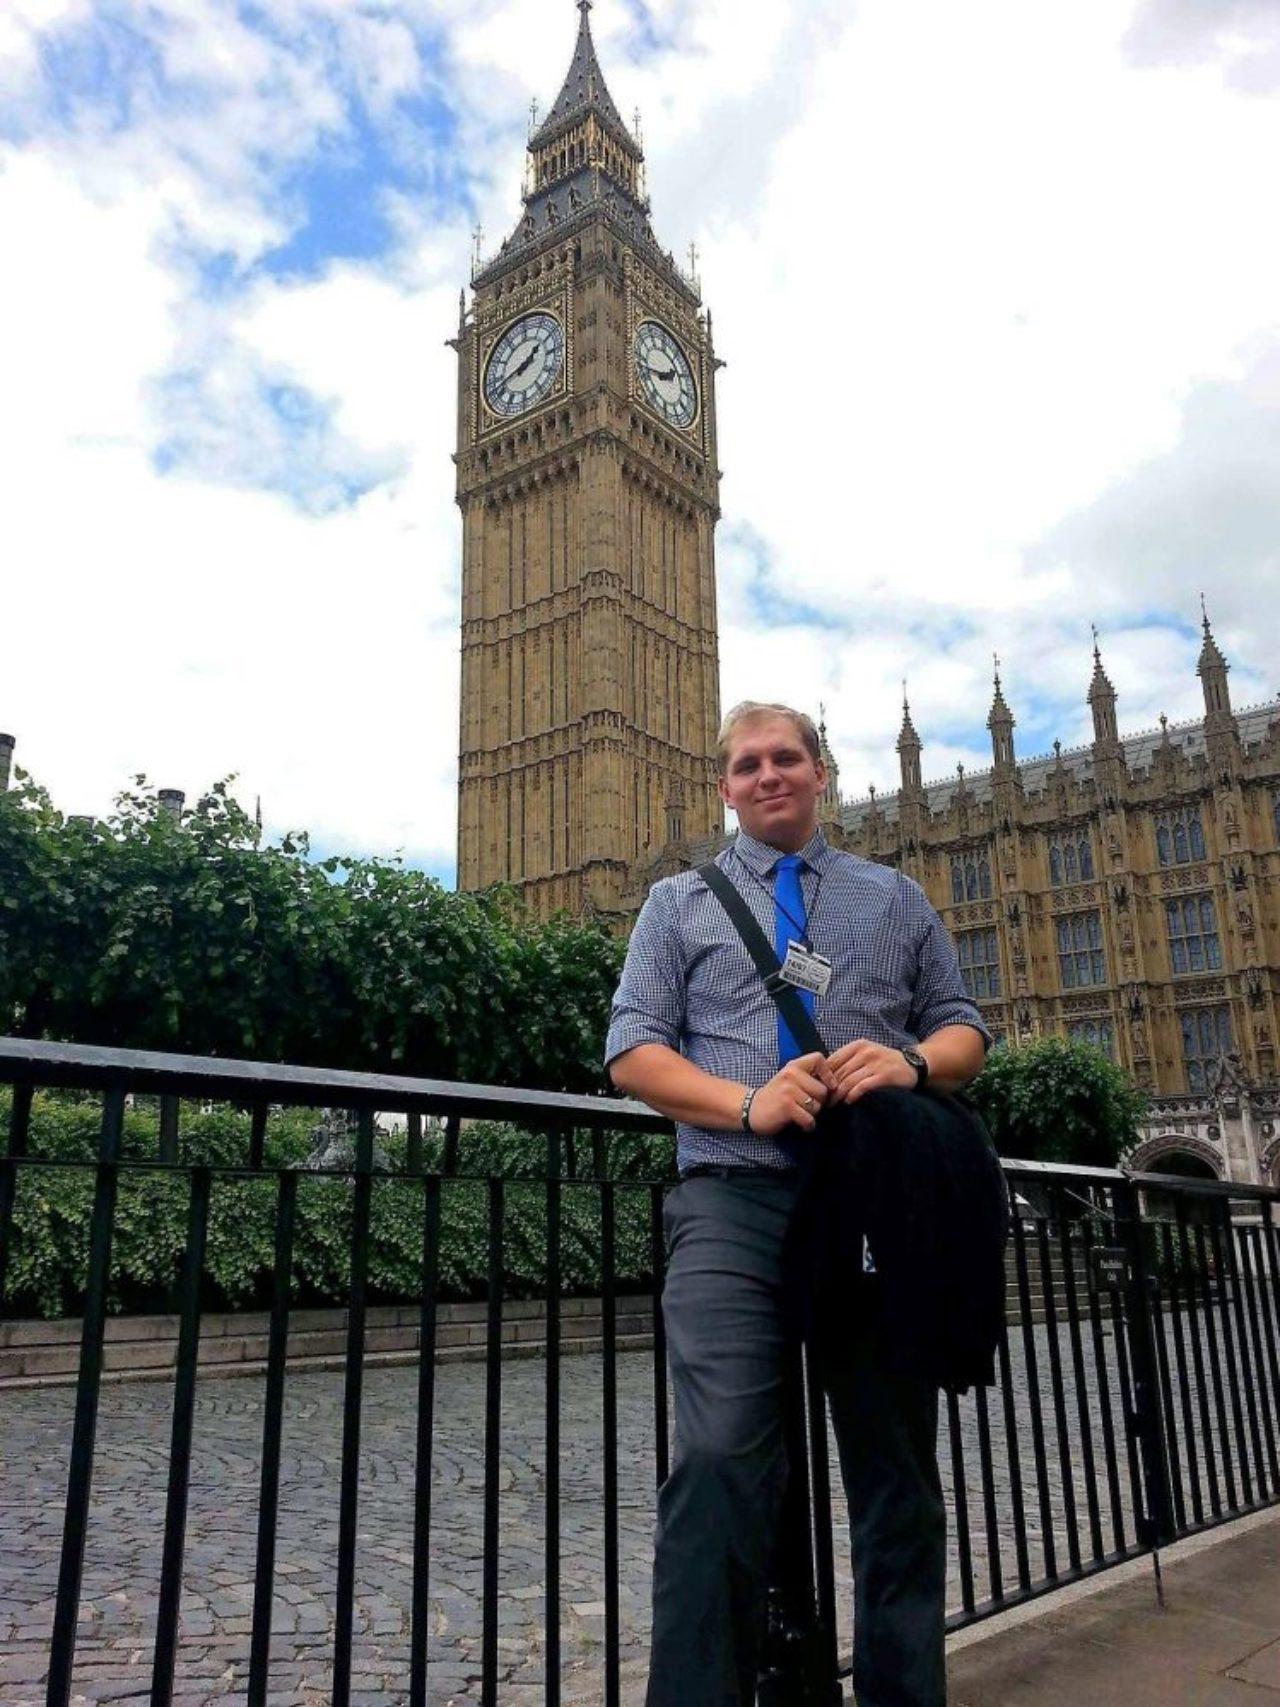 Chris Orsini visits Big Ben in London